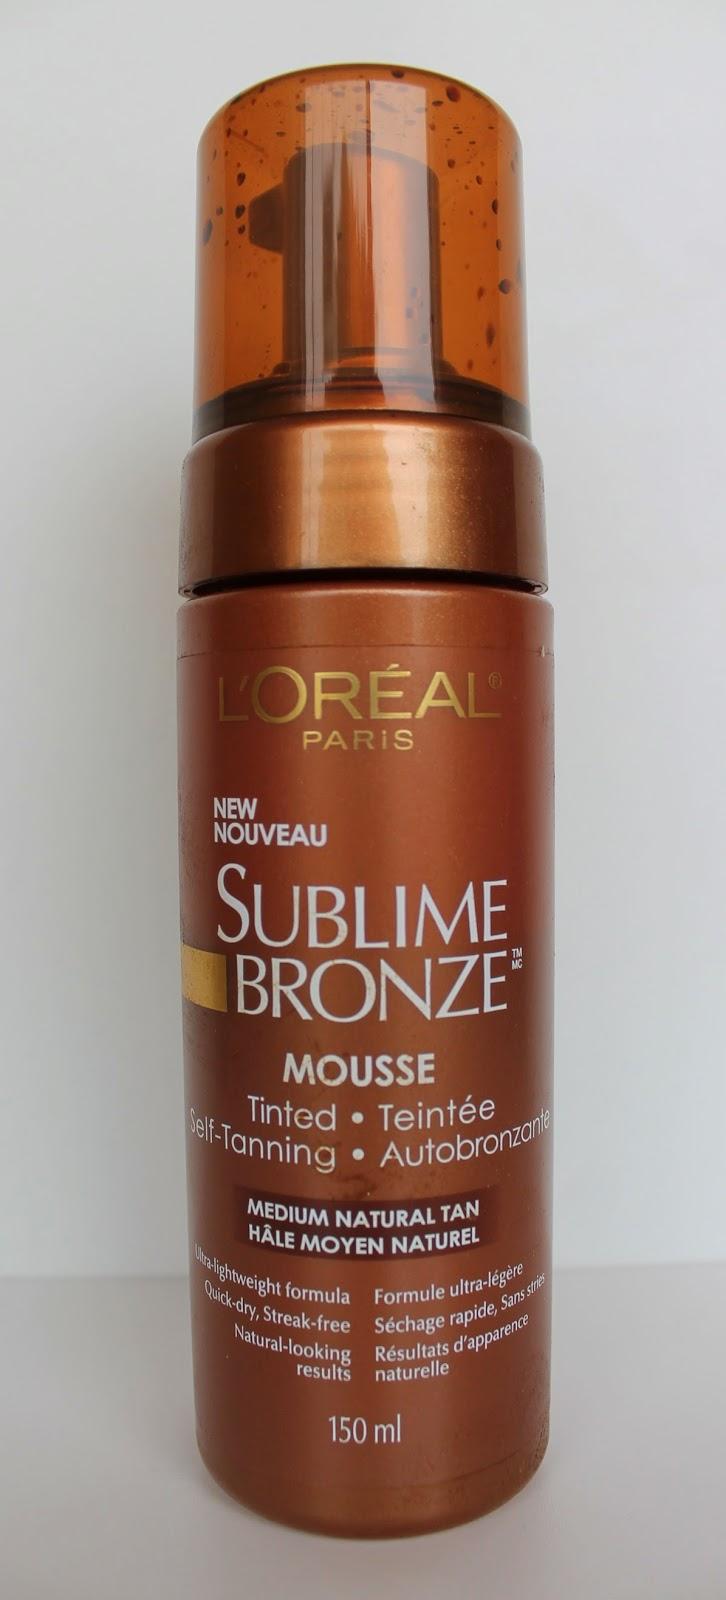 Autobronzant L'Oréal